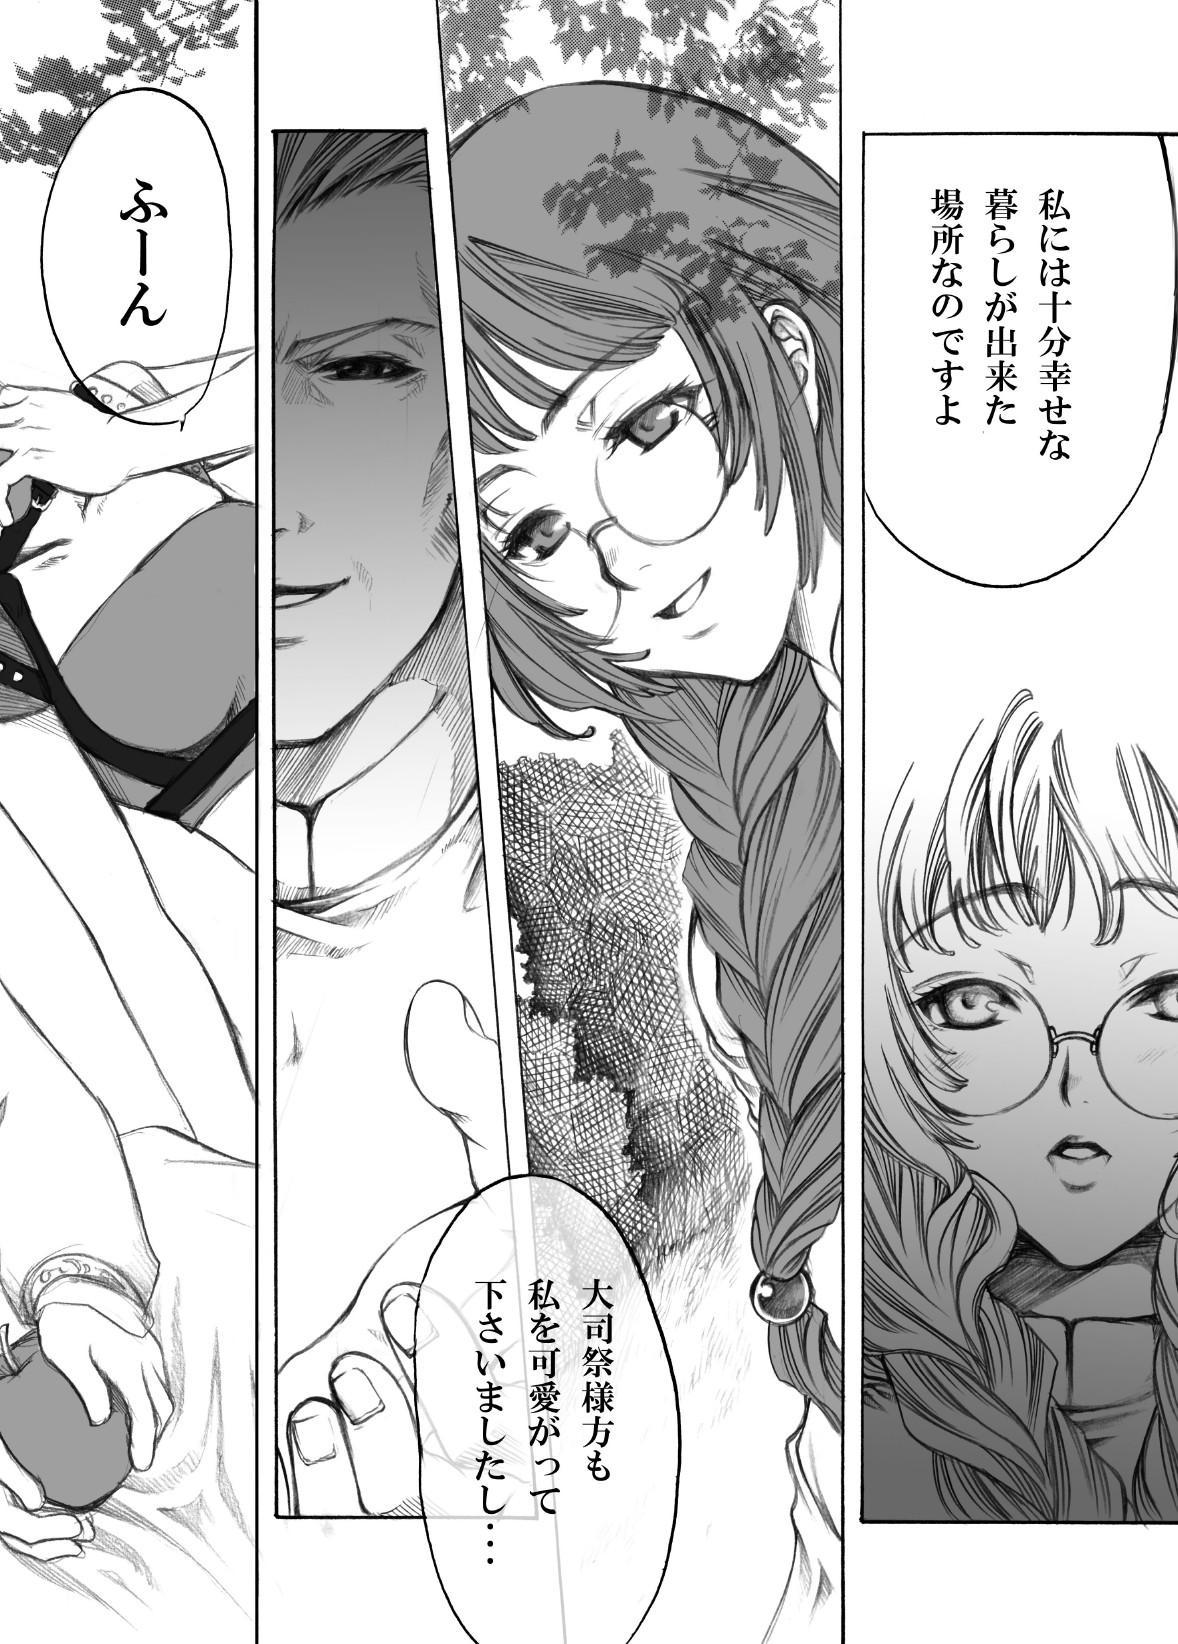 Tales no toriko 26